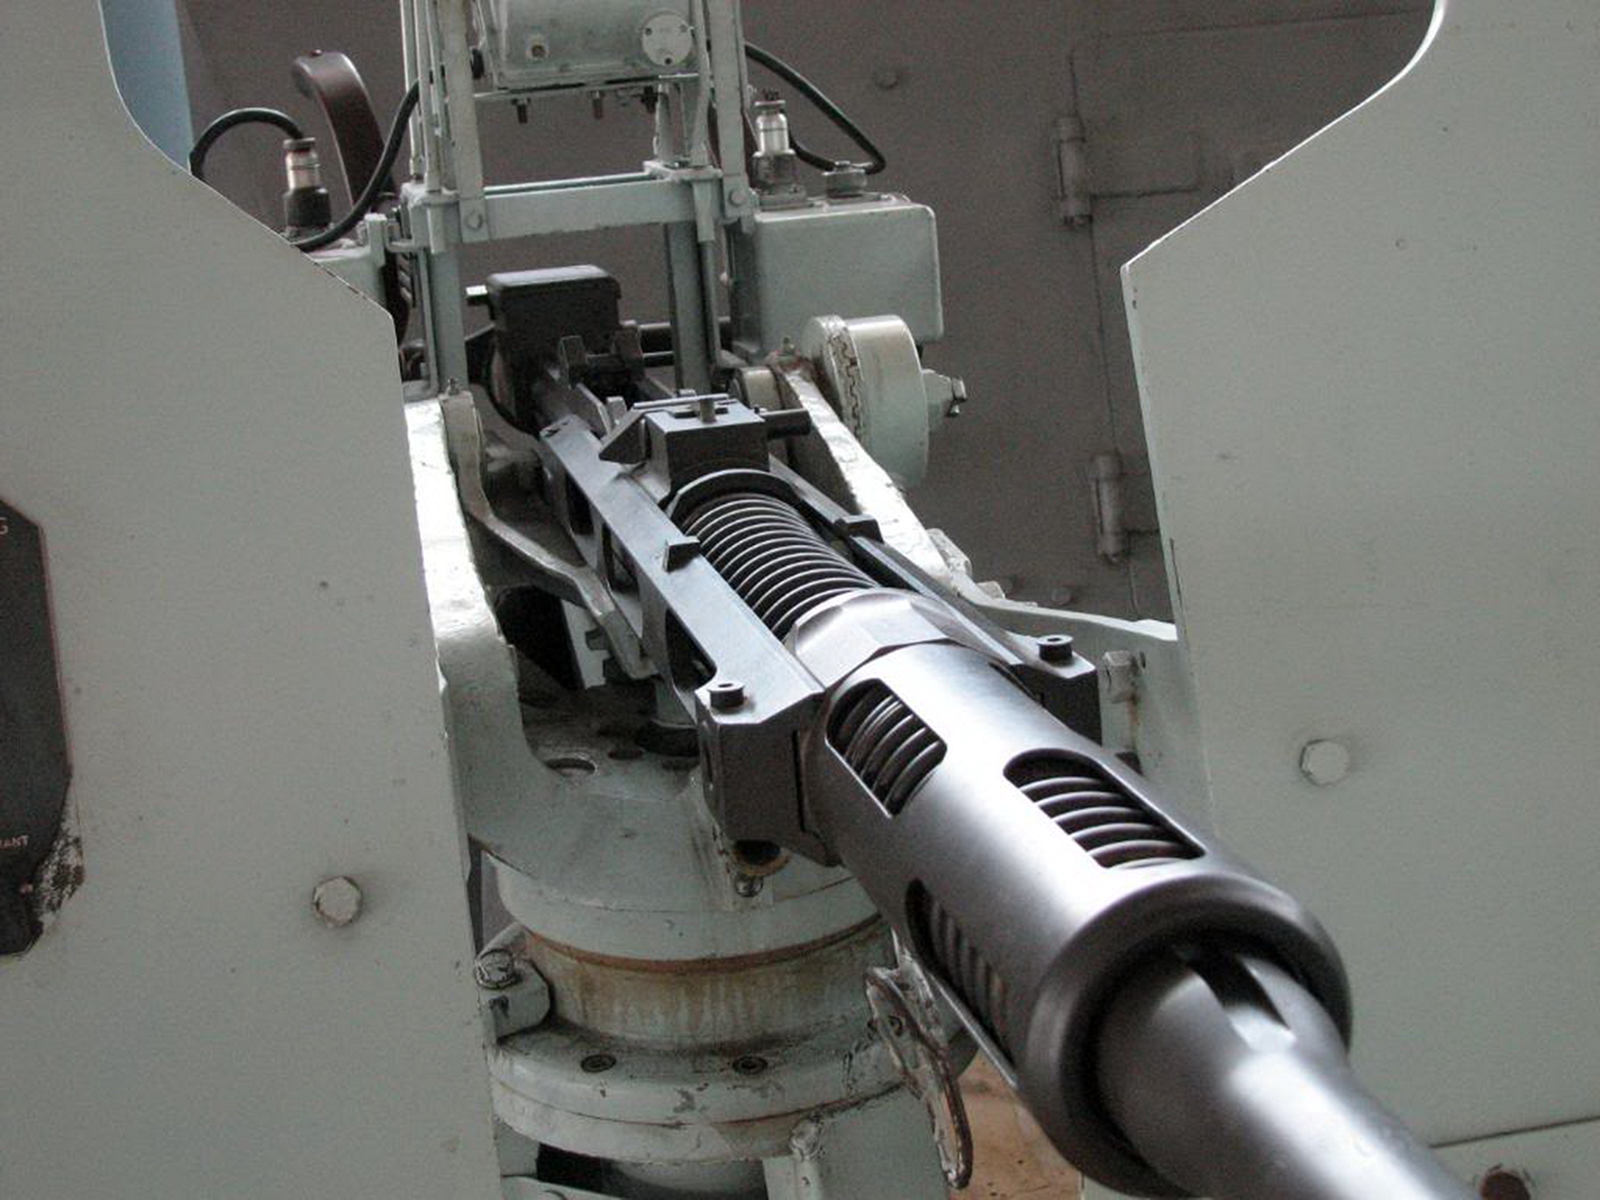 20mm Anti-Aircraft Gun (5)